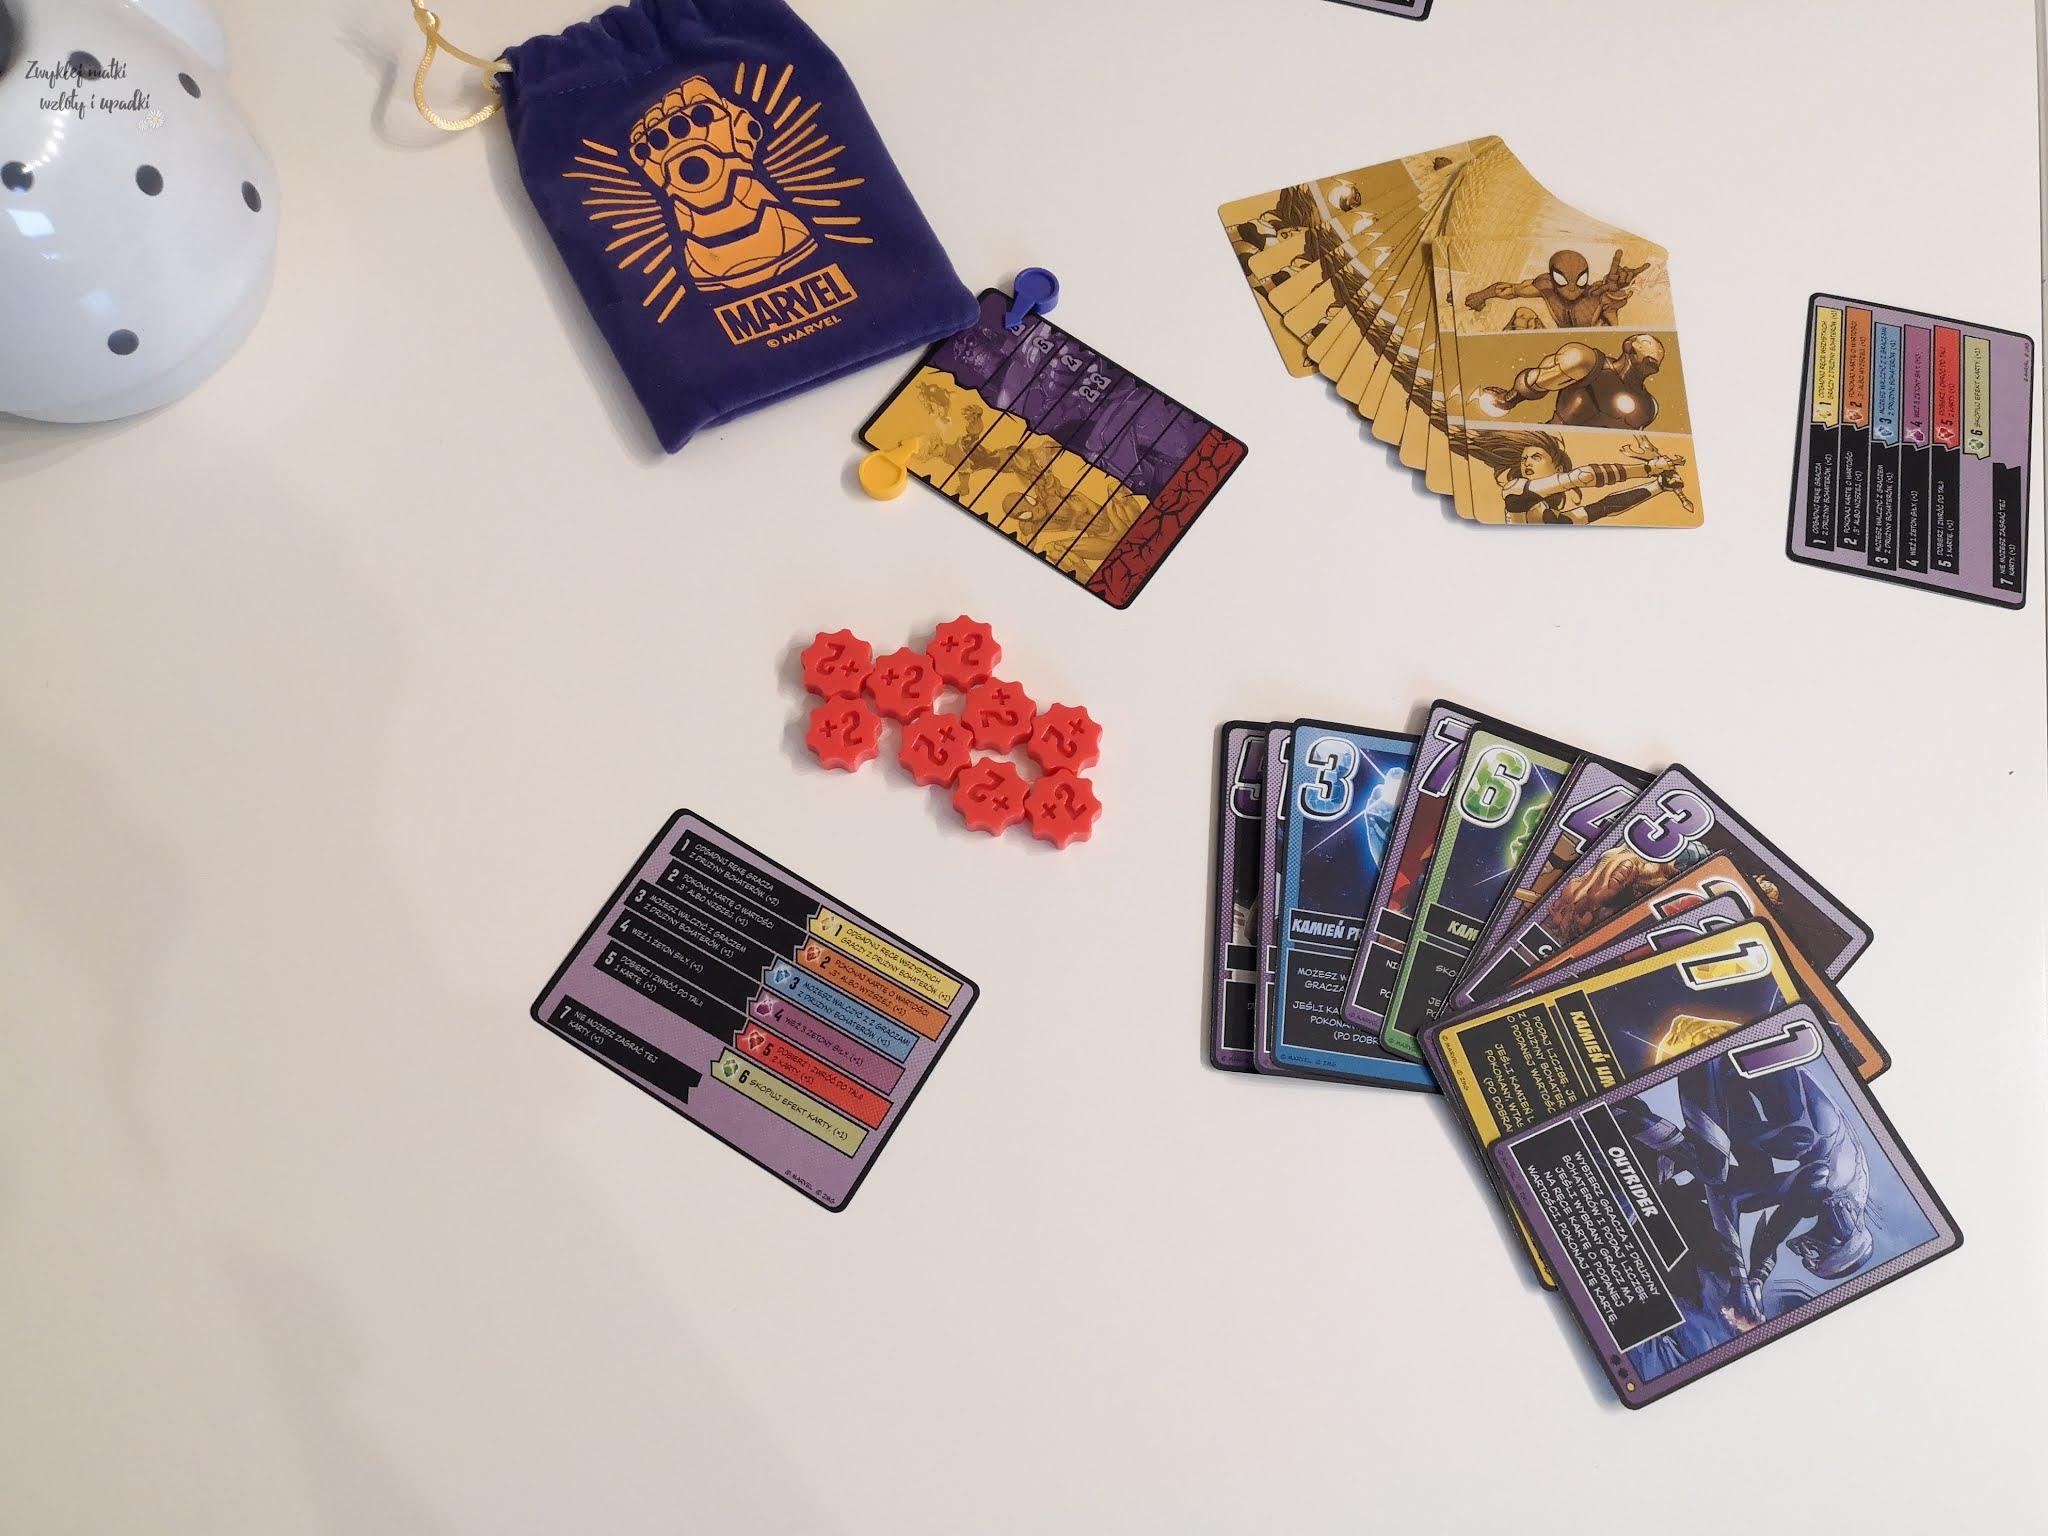 Herbatka z Thanosem, czyli gry Rebel pod choinkę